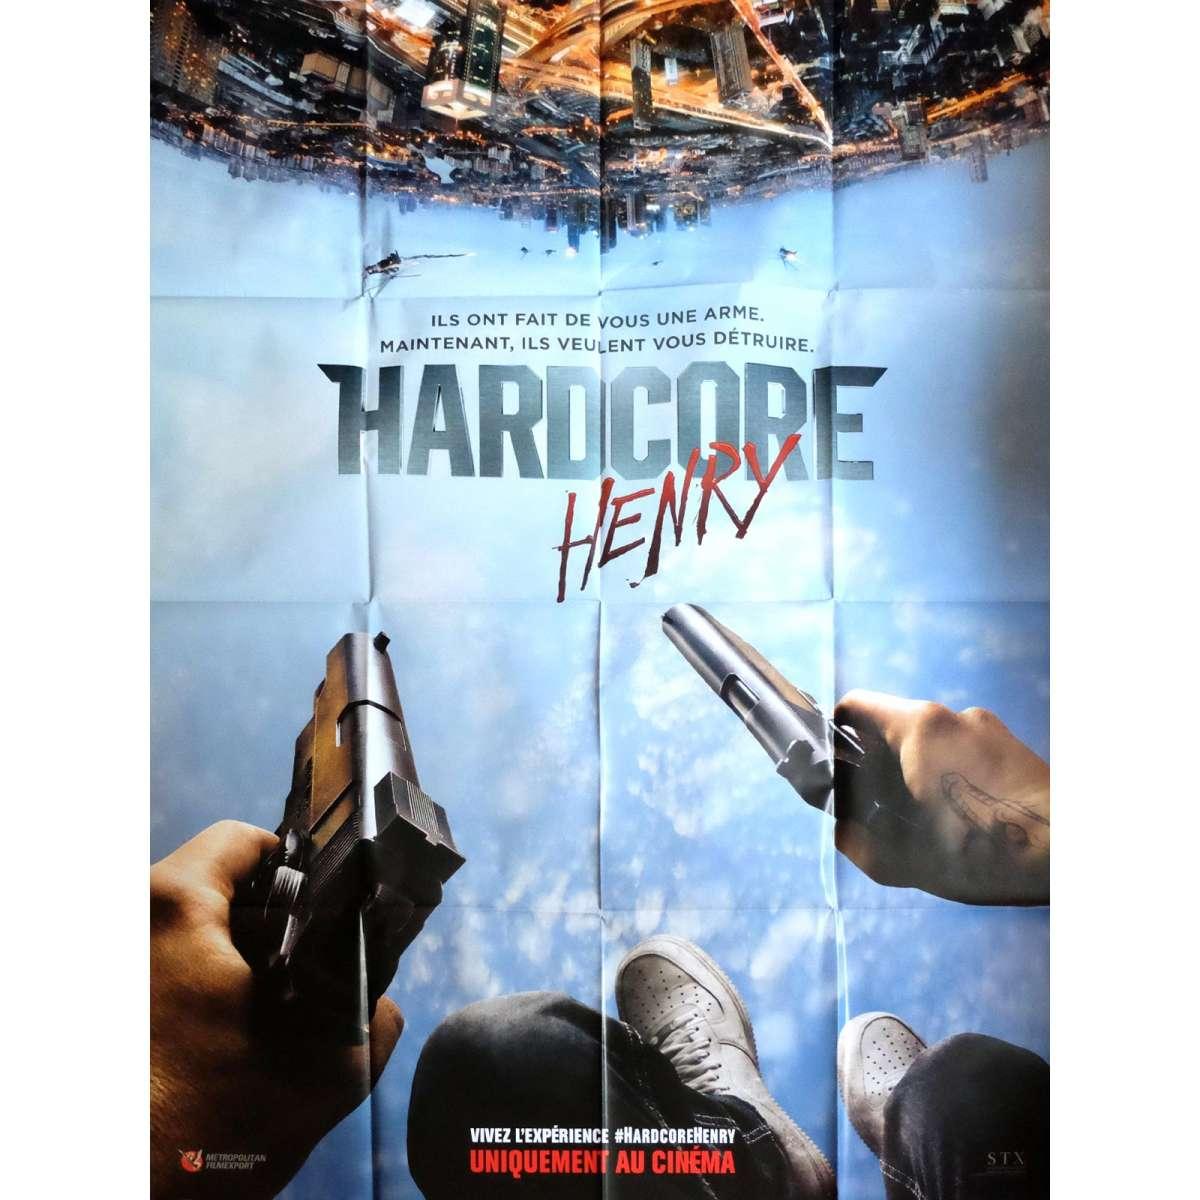 хардкор генри фильм смотреть